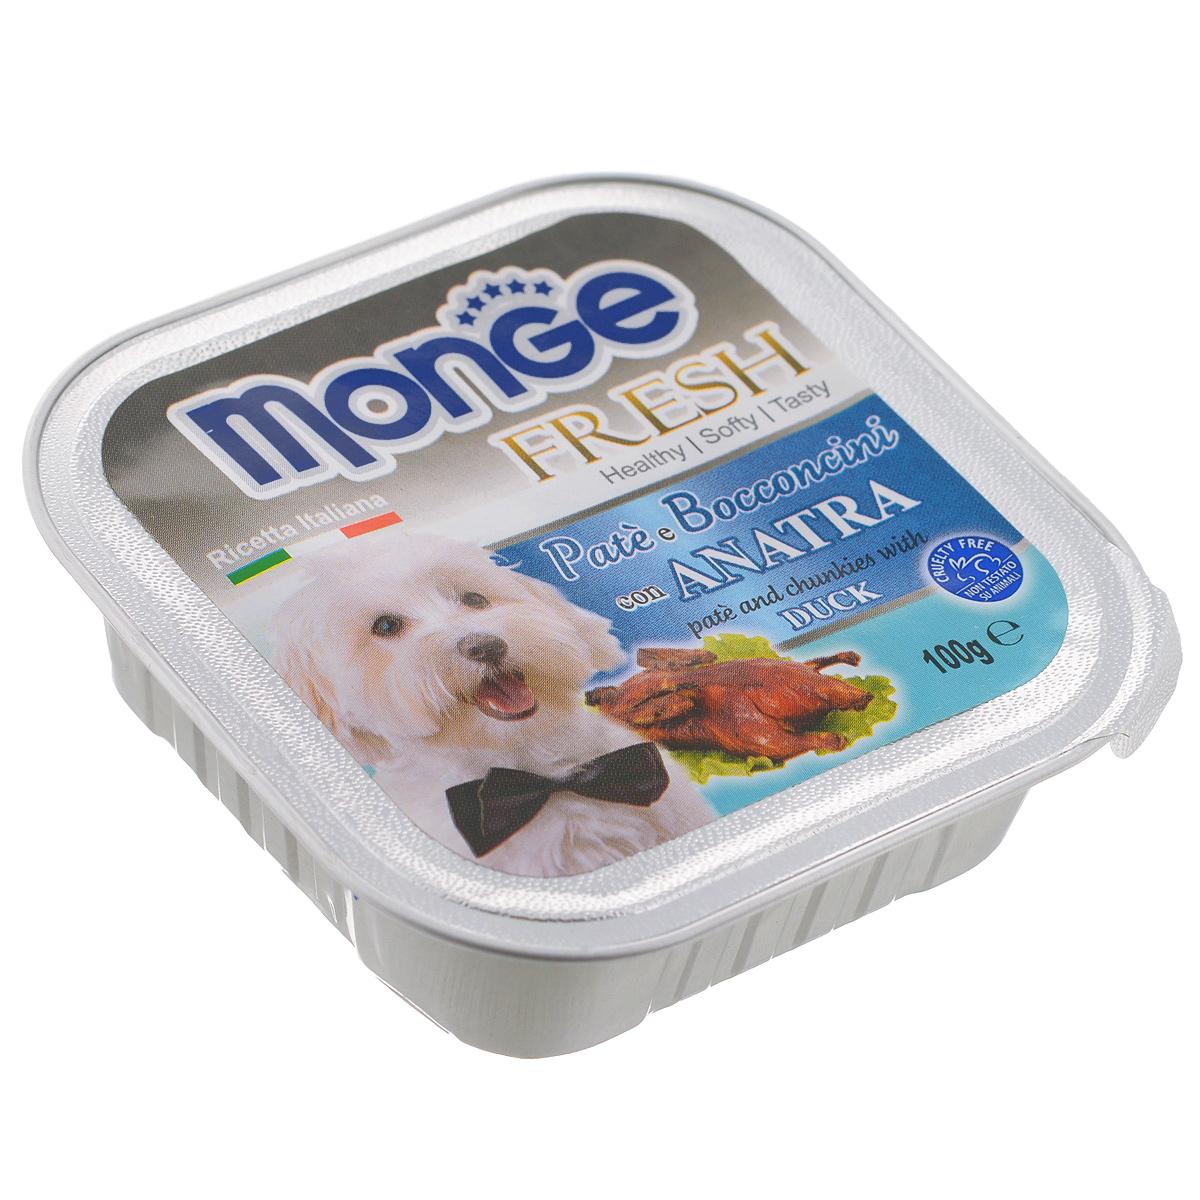 Консервы для собак Monge Fresh, с уткой, 100 г70013048Консервы для собак Monge Fresh - это полнорационный корм для собак. Паштет с мясом утки. Состав: свежее мясо 80% (содержание утки мин. 10%), минеральные вещества, витамины. Технологические добавки: загустители и желирующие вещества. Анализ компонентов: белок 9%, жир 7%, сырая клетчатка 0,5%, сырая зола 1,2%, влажность 82%. Витамины и добавки на 1 кг: витамин А 3000МЕ, витамин D3 400 МЕ, витамин Е 15 мг. Товар сертифицирован.